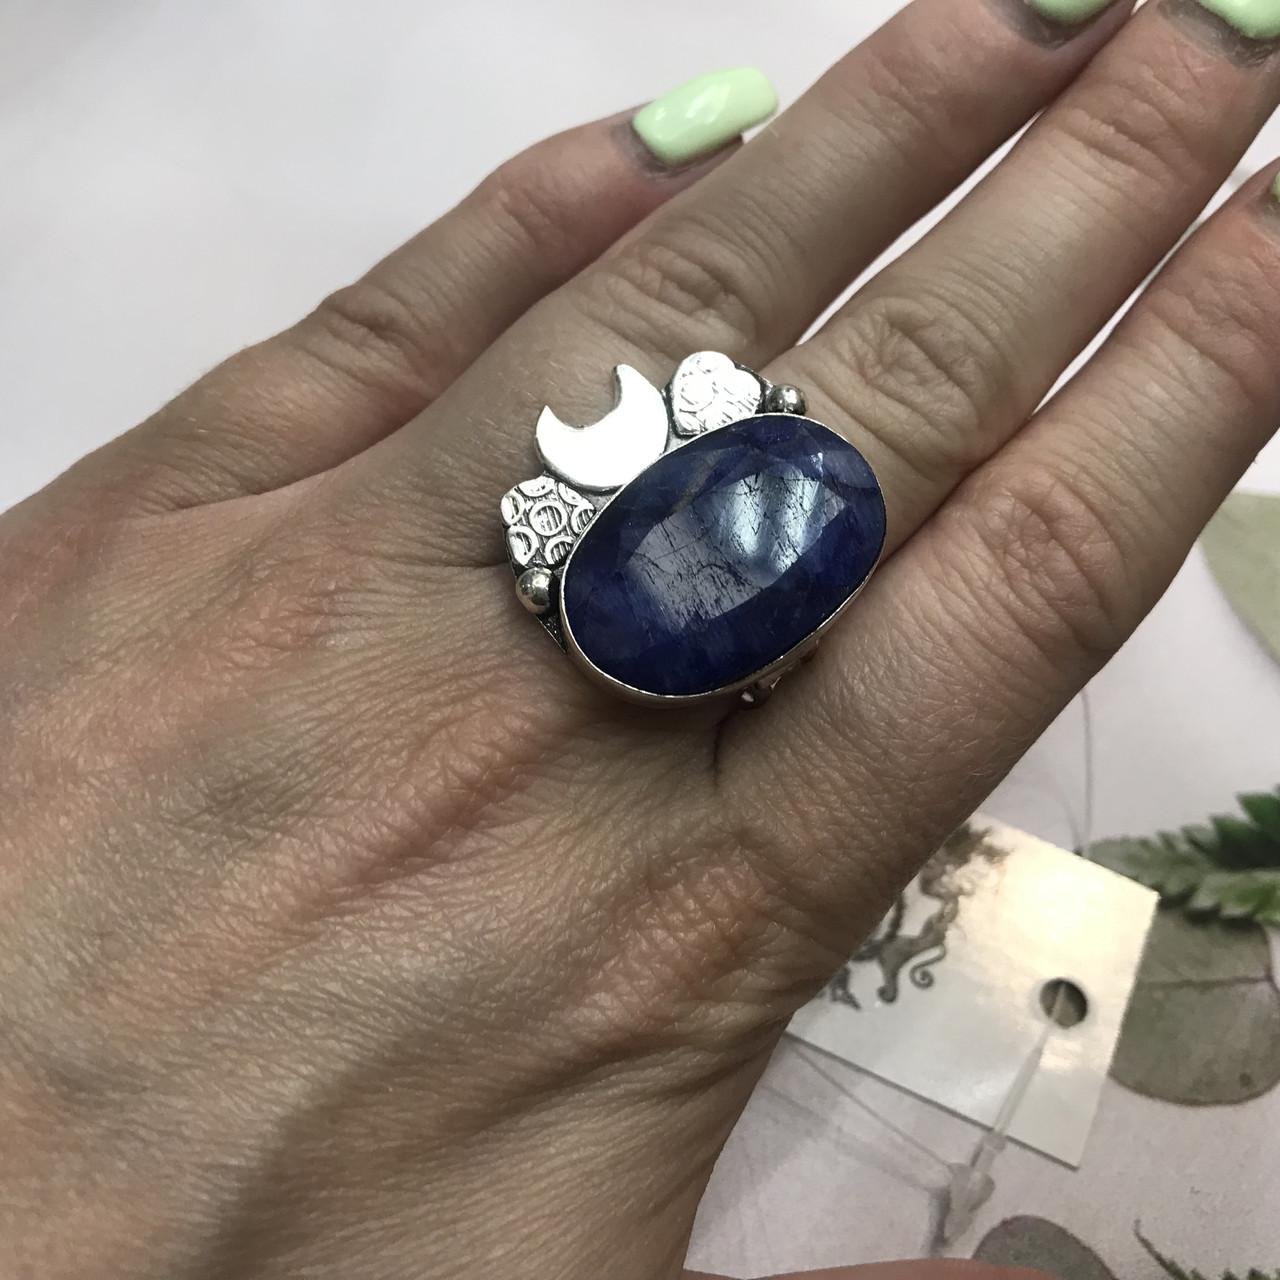 Сапфир кольцо 18,5 размер кольцо с камнем натуральный сапфир в серебре кольцо с сапфиром.